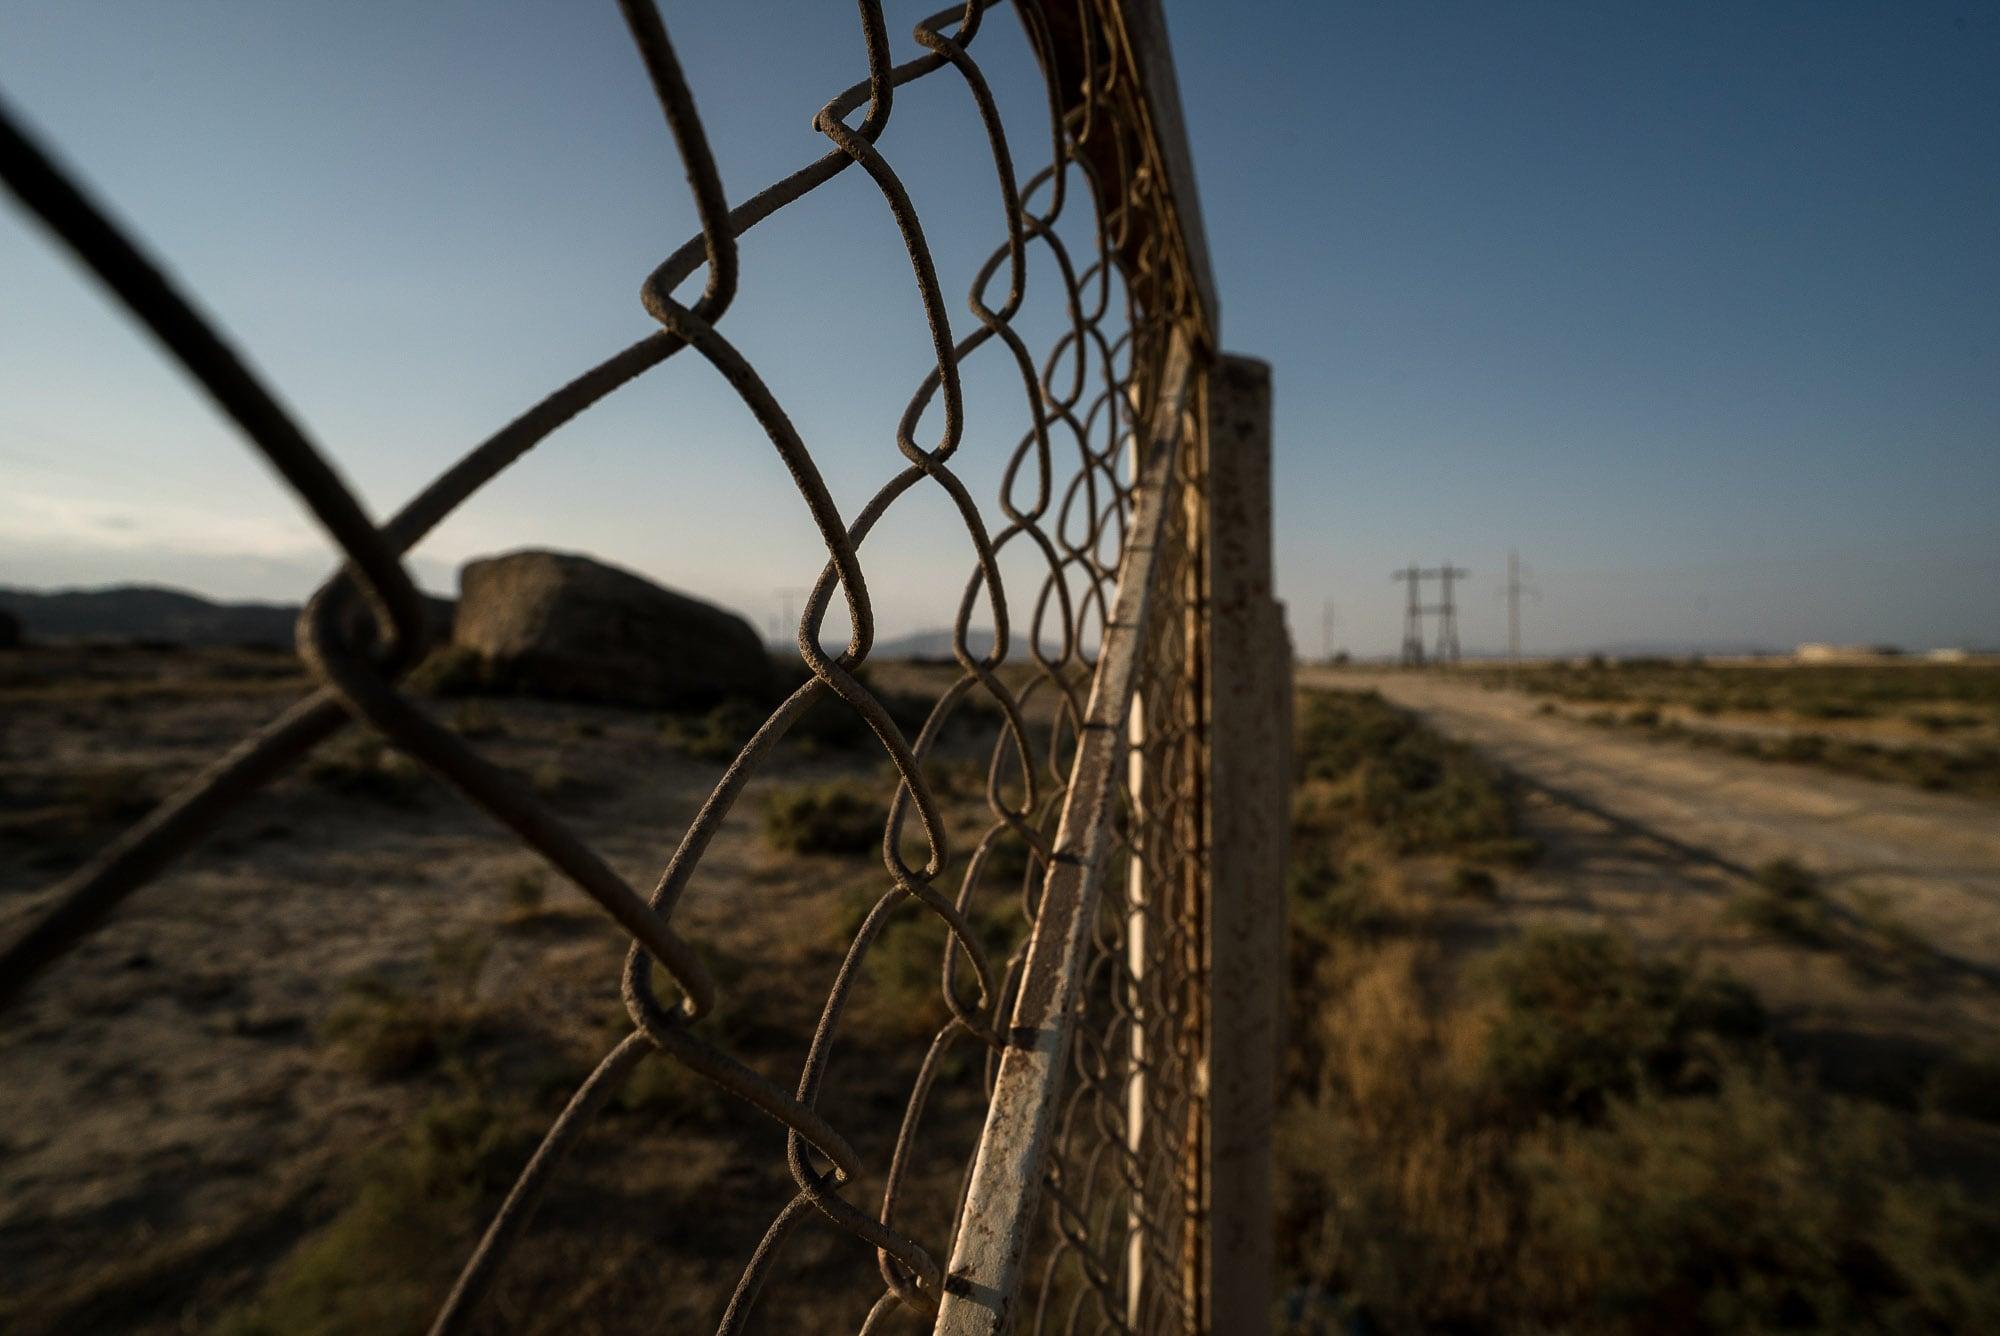 fence in the semi desert